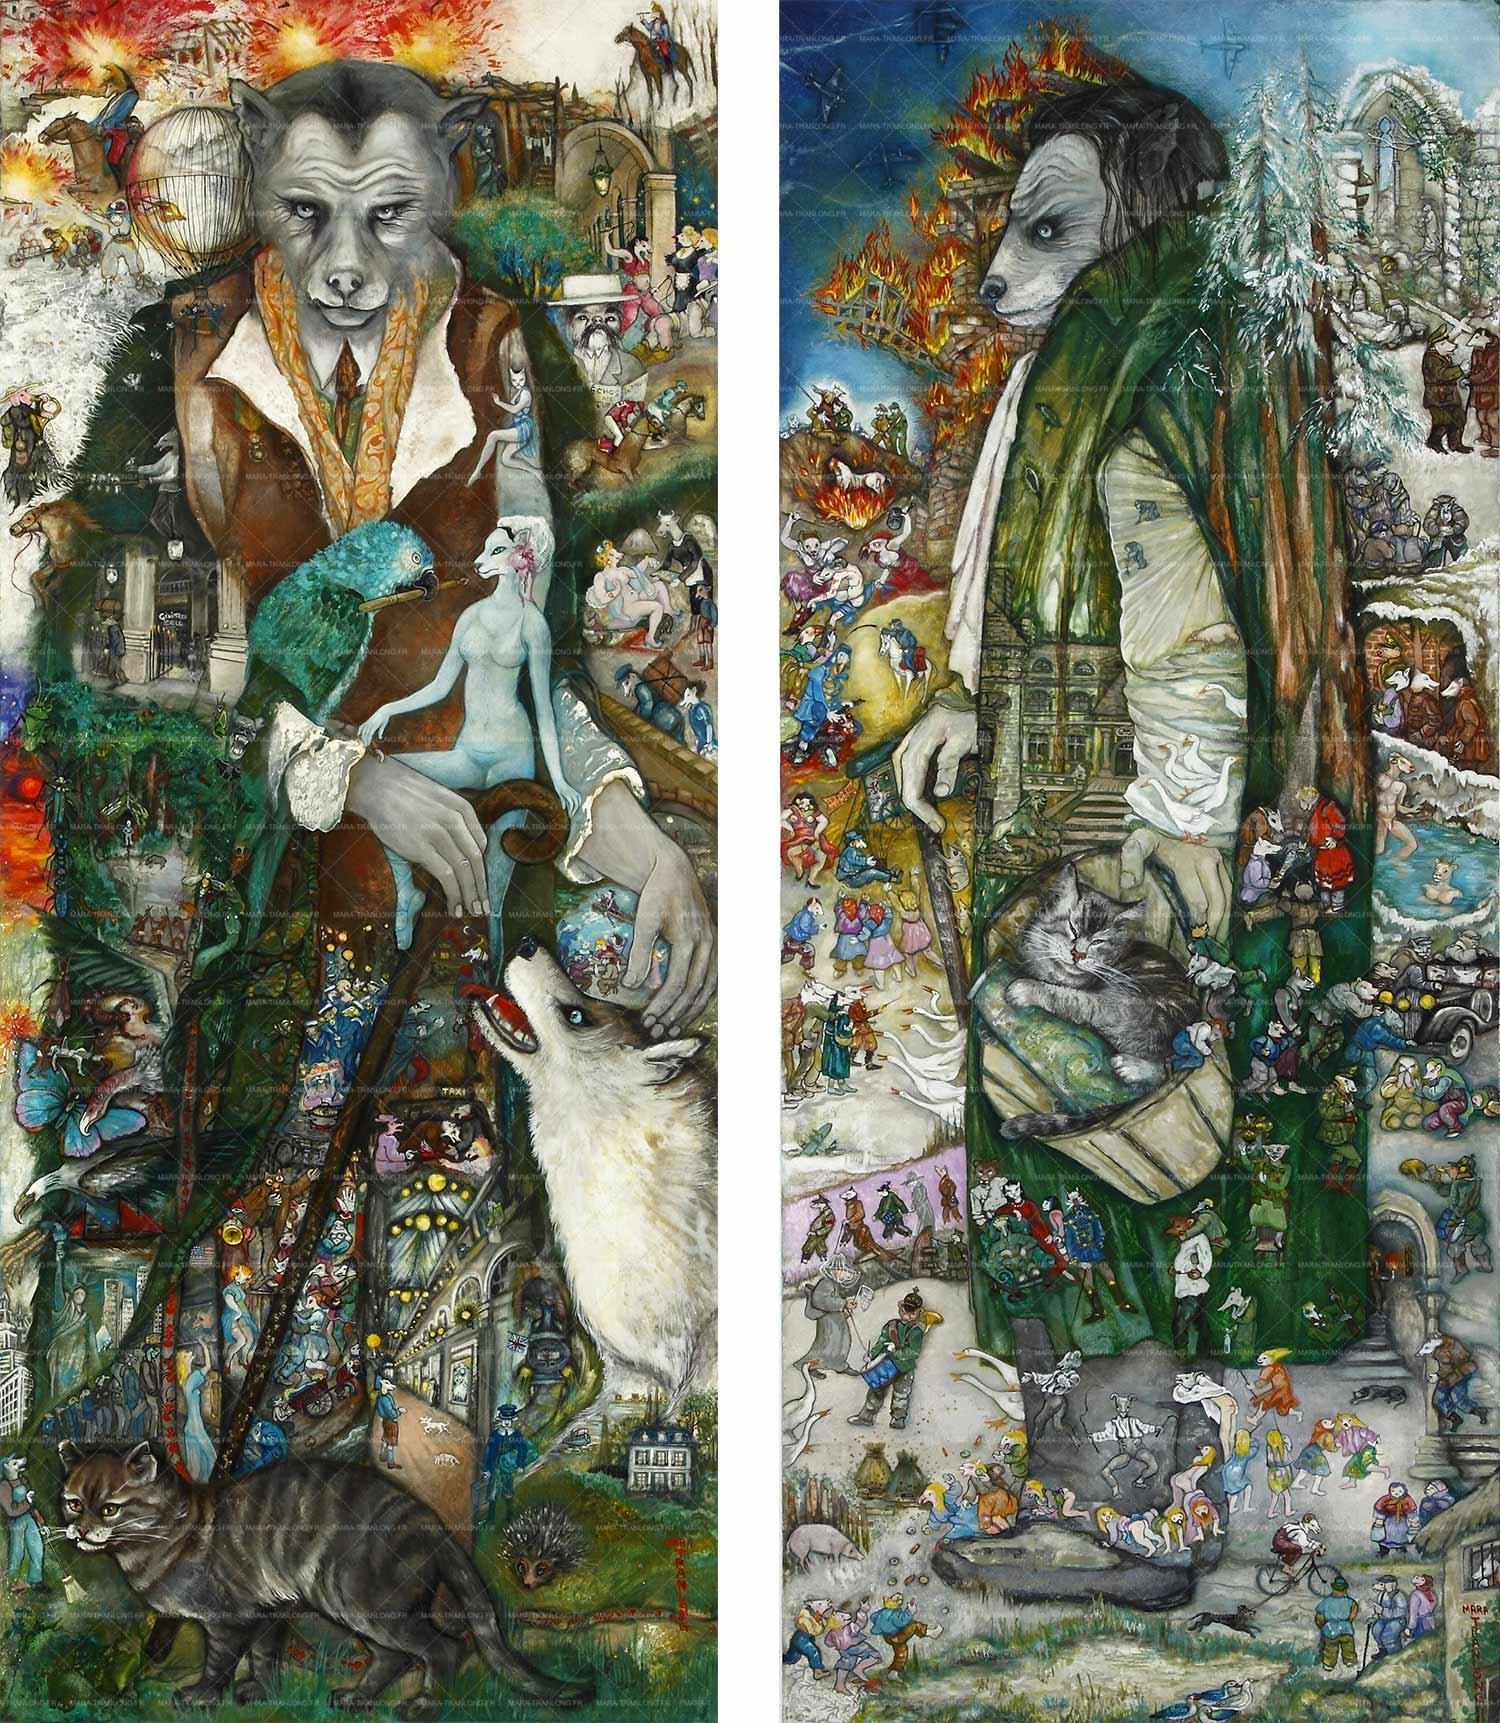 """Mara Tranlong """"Le long voyage"""" et """"Le guêpier prusco"""". Dimensions de chaque œuvre  : 50 cm x 120 cm ; Acrylique-Tempera sur bois et vernis (détails en cliquant sur les œuvres et en actionnant la molette de la souris ou cliquer sur les contôles au bas de la fenêtre)."""